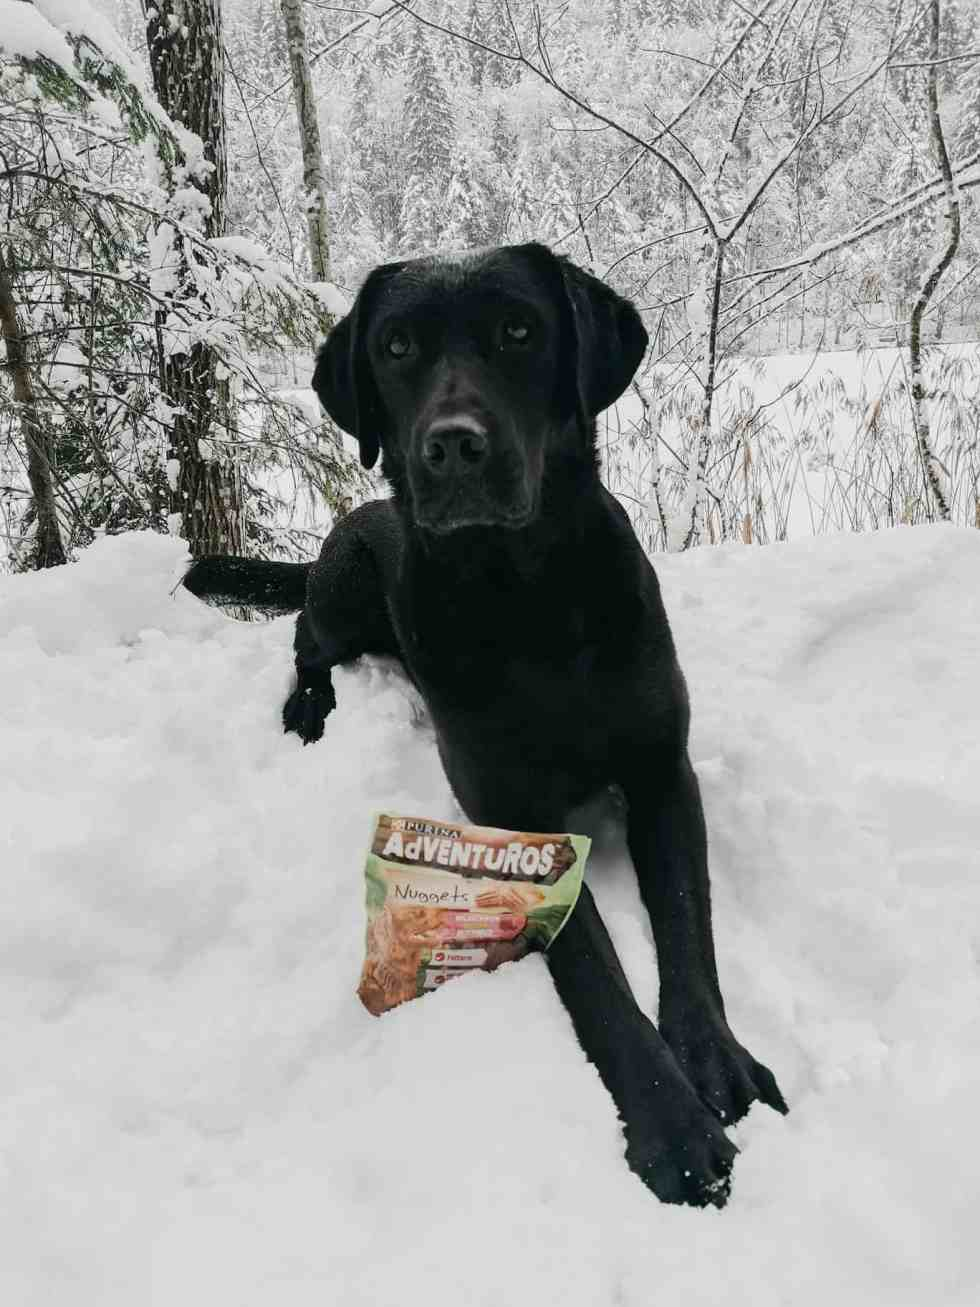 adventuros-ausflugs-ideen-winter-hund-weihnachten